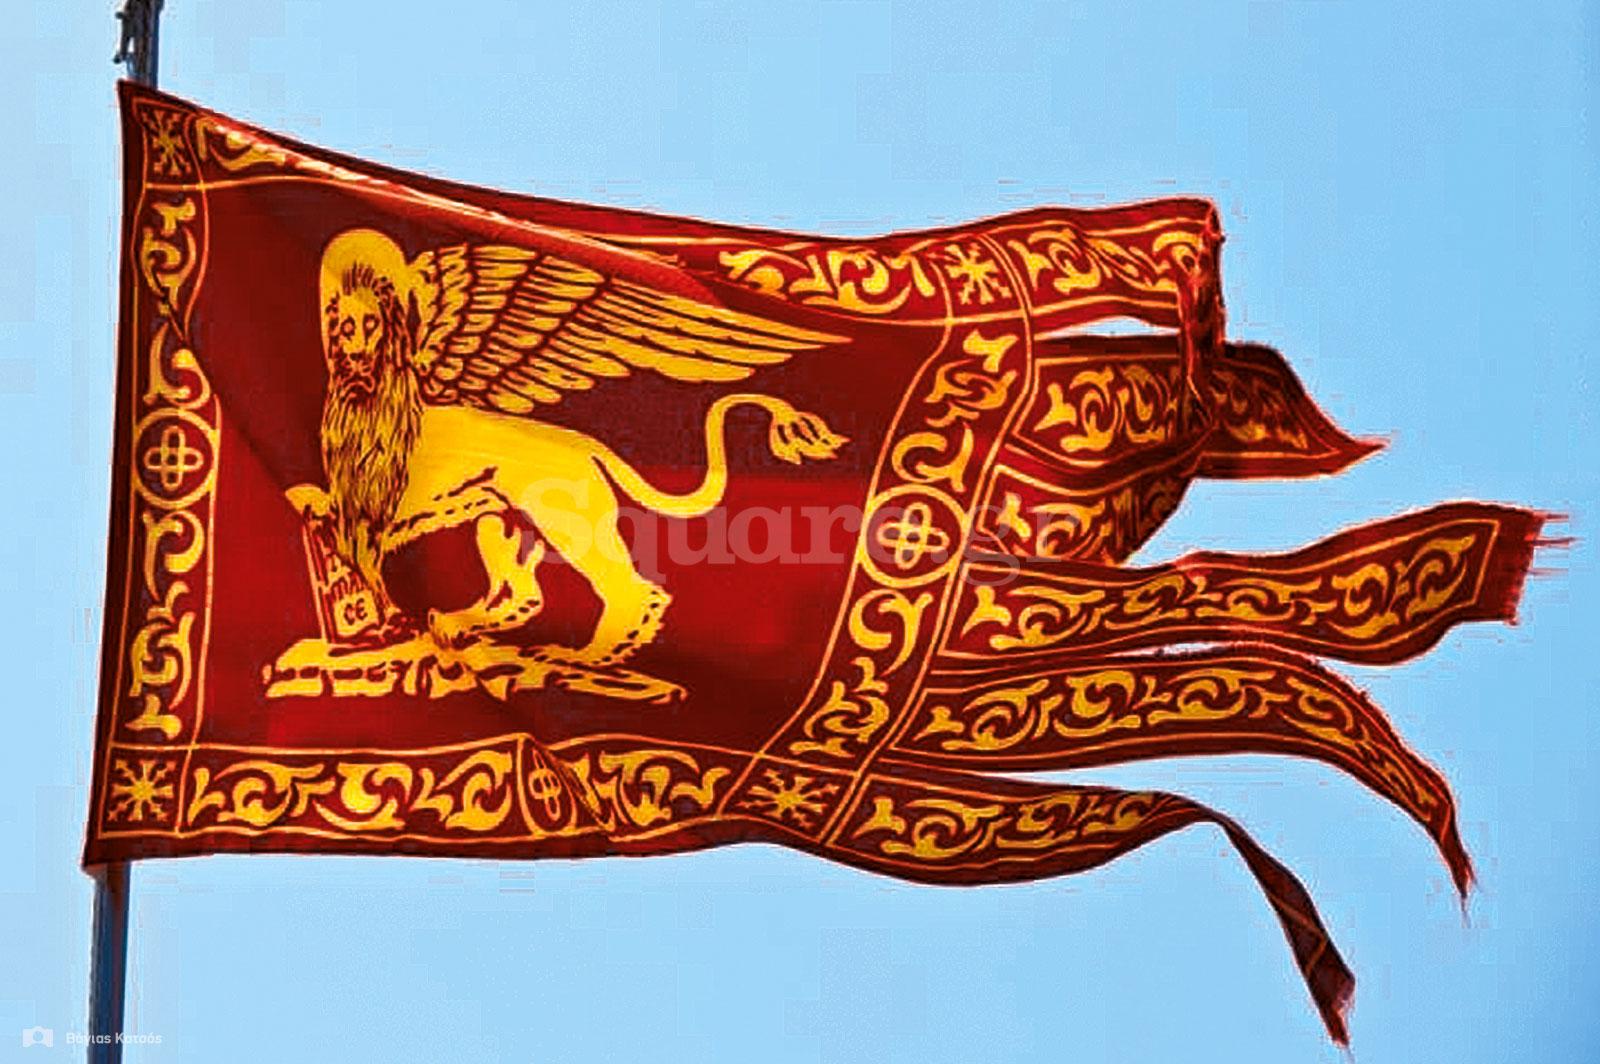 3-Σημαία-της-Βενετικής-Δημοκρατίας-εν-καιρώ-ειρήνης